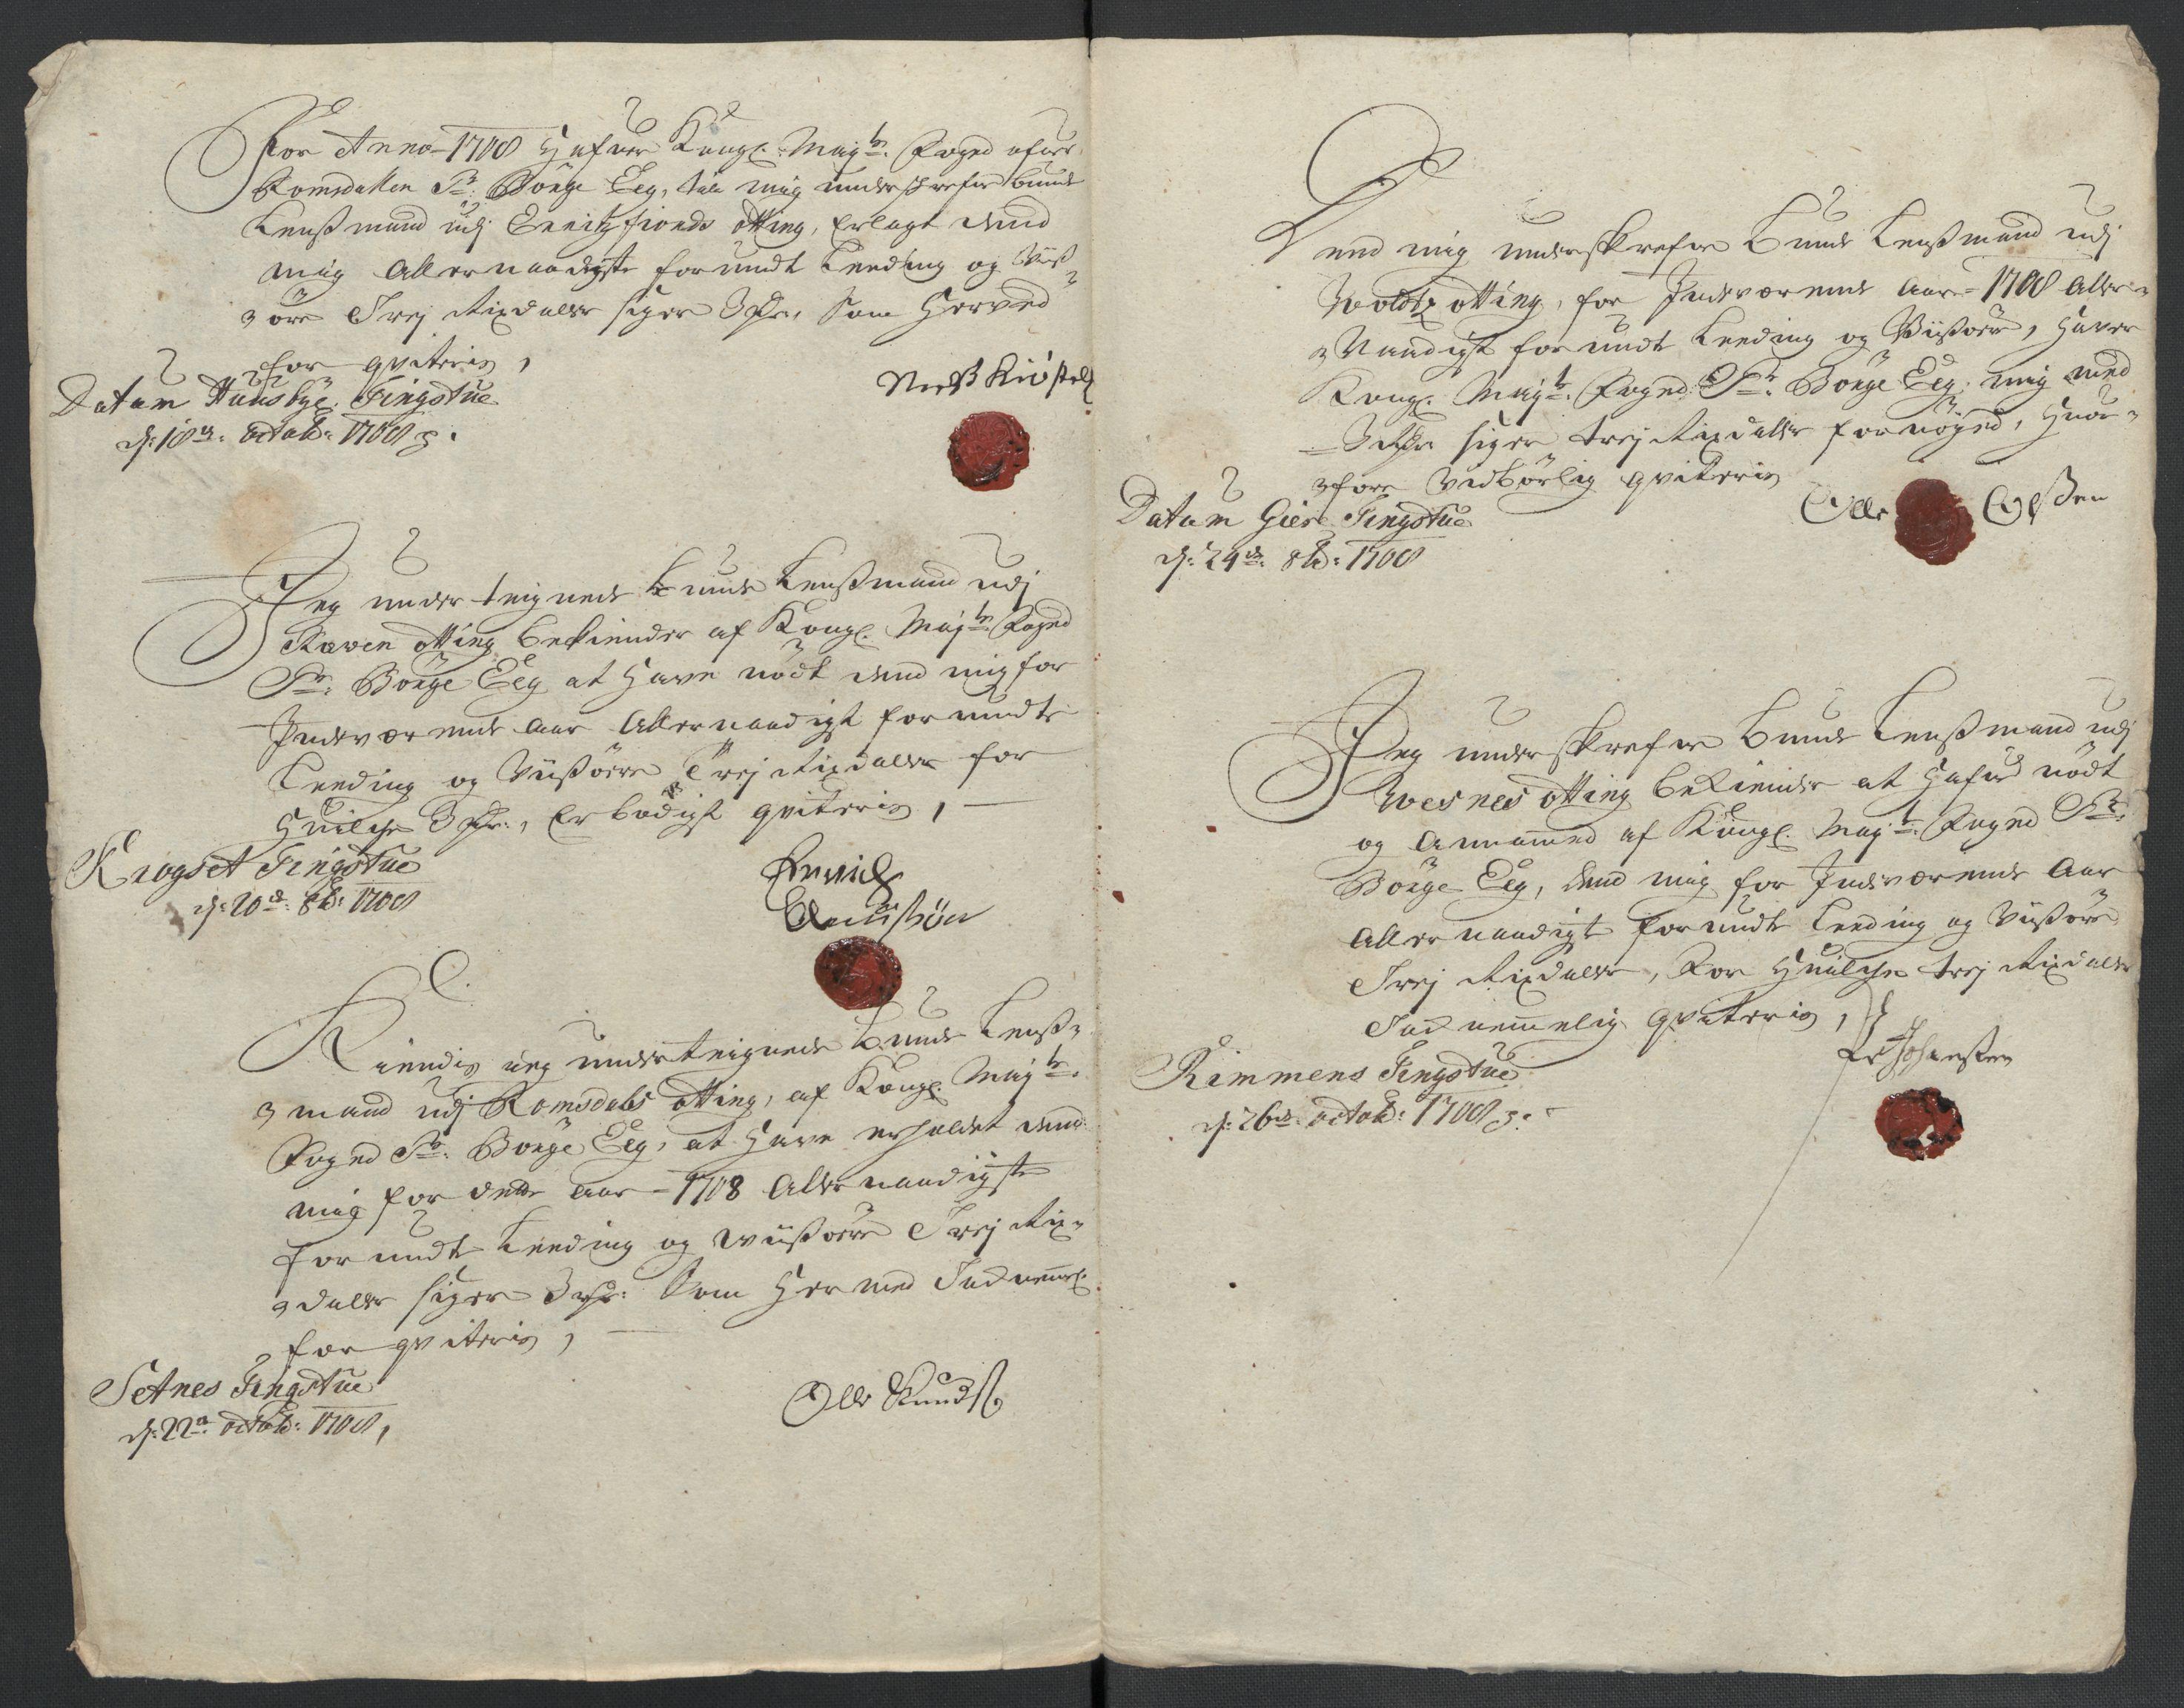 RA, Rentekammeret inntil 1814, Reviderte regnskaper, Fogderegnskap, R55/L3658: Fogderegnskap Romsdal, 1707-1708, s. 340